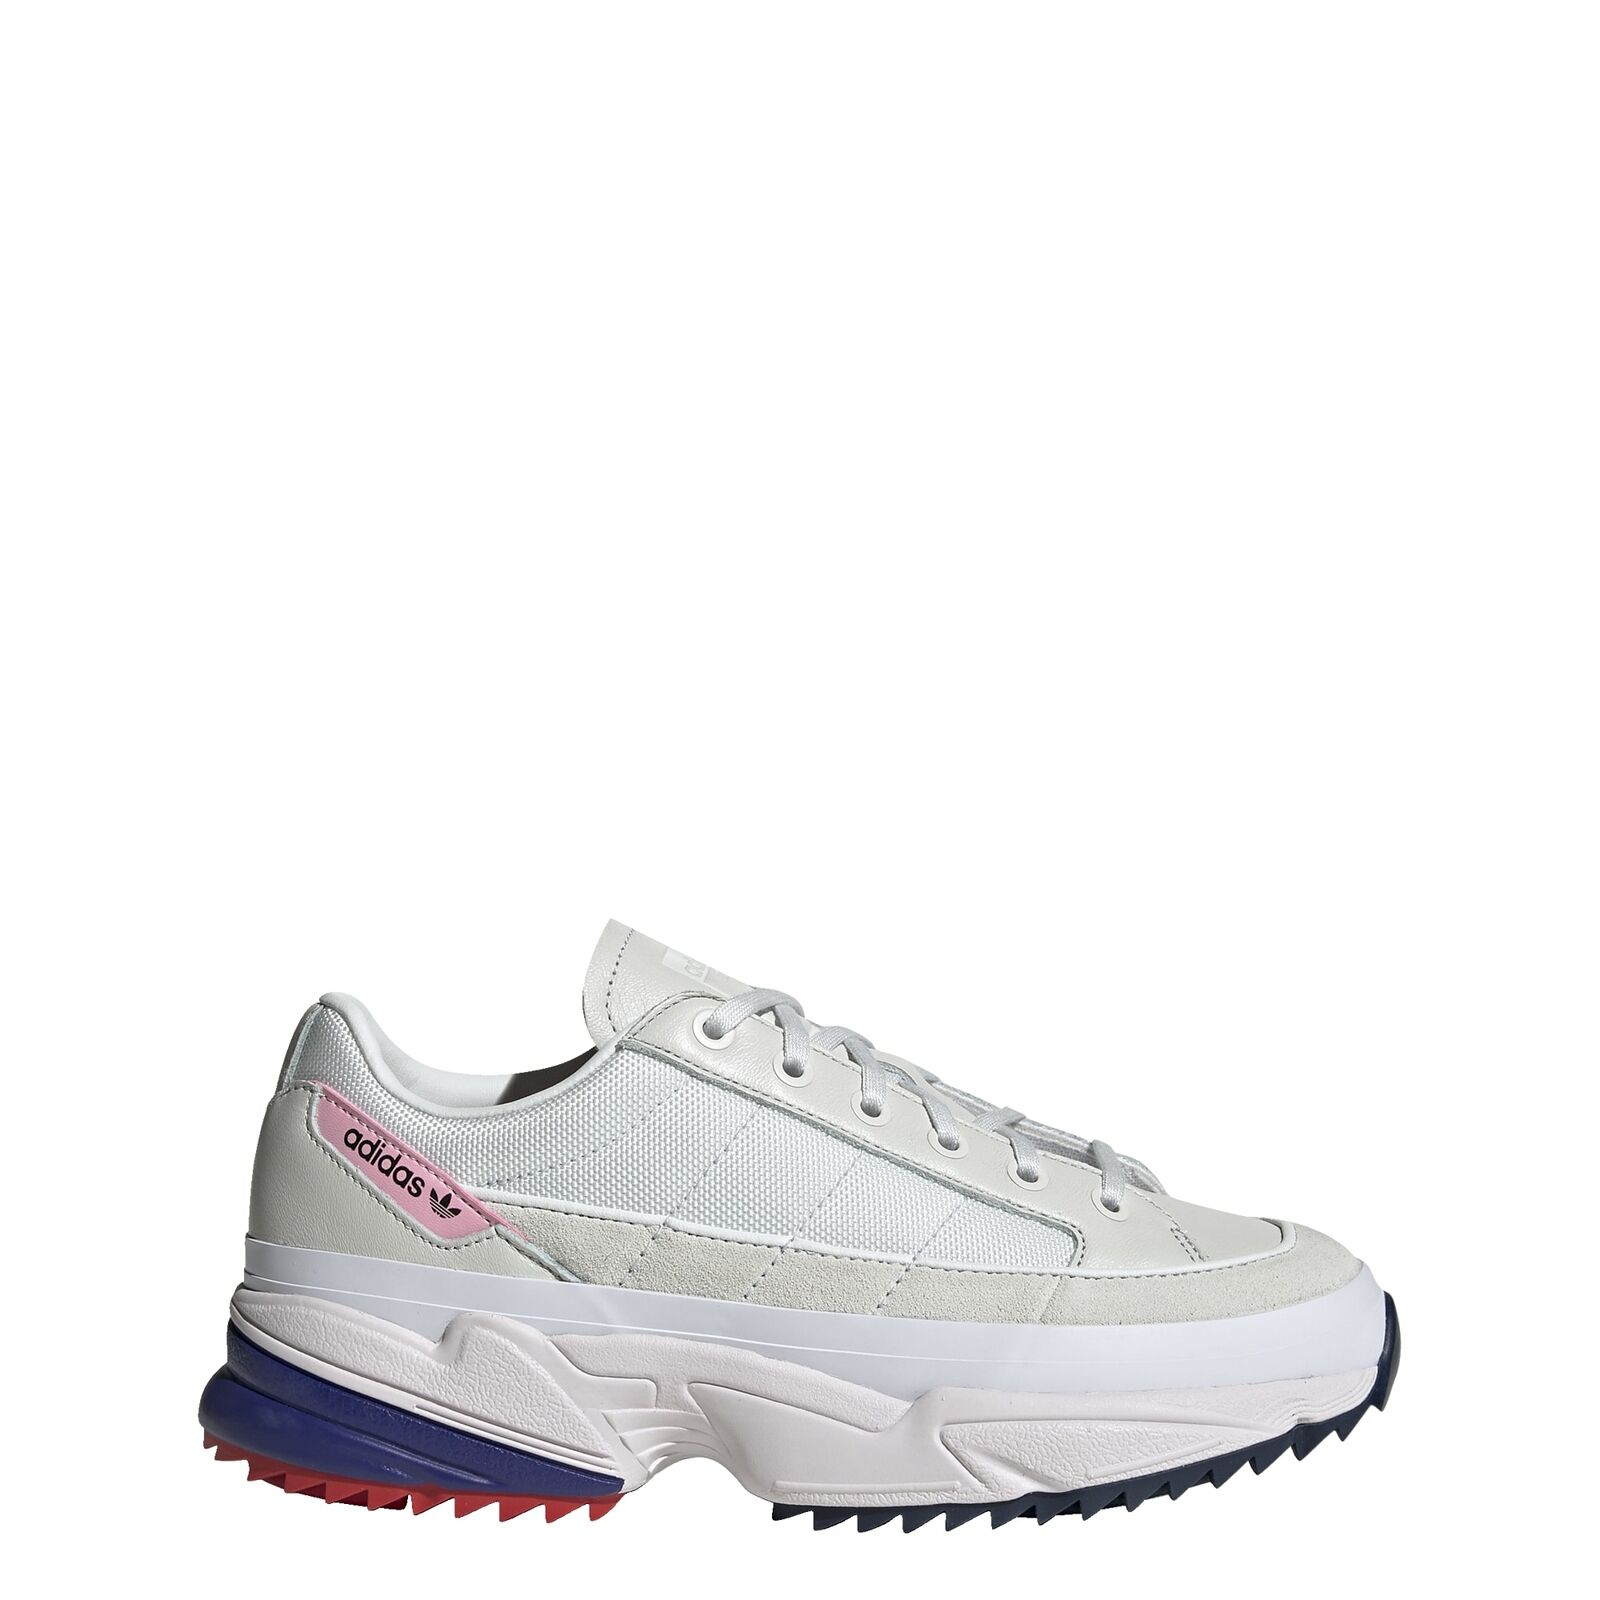 Adidas Originals Kiellor Schuh Damen Trainers;Lifestyle Trainers Weiß Freizeit